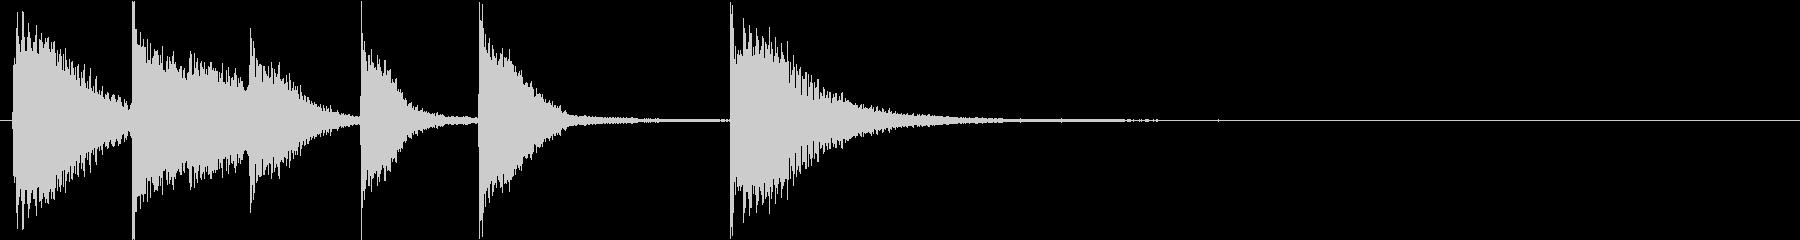 ピアノジングル 幼児向けアニメ系I-03の未再生の波形